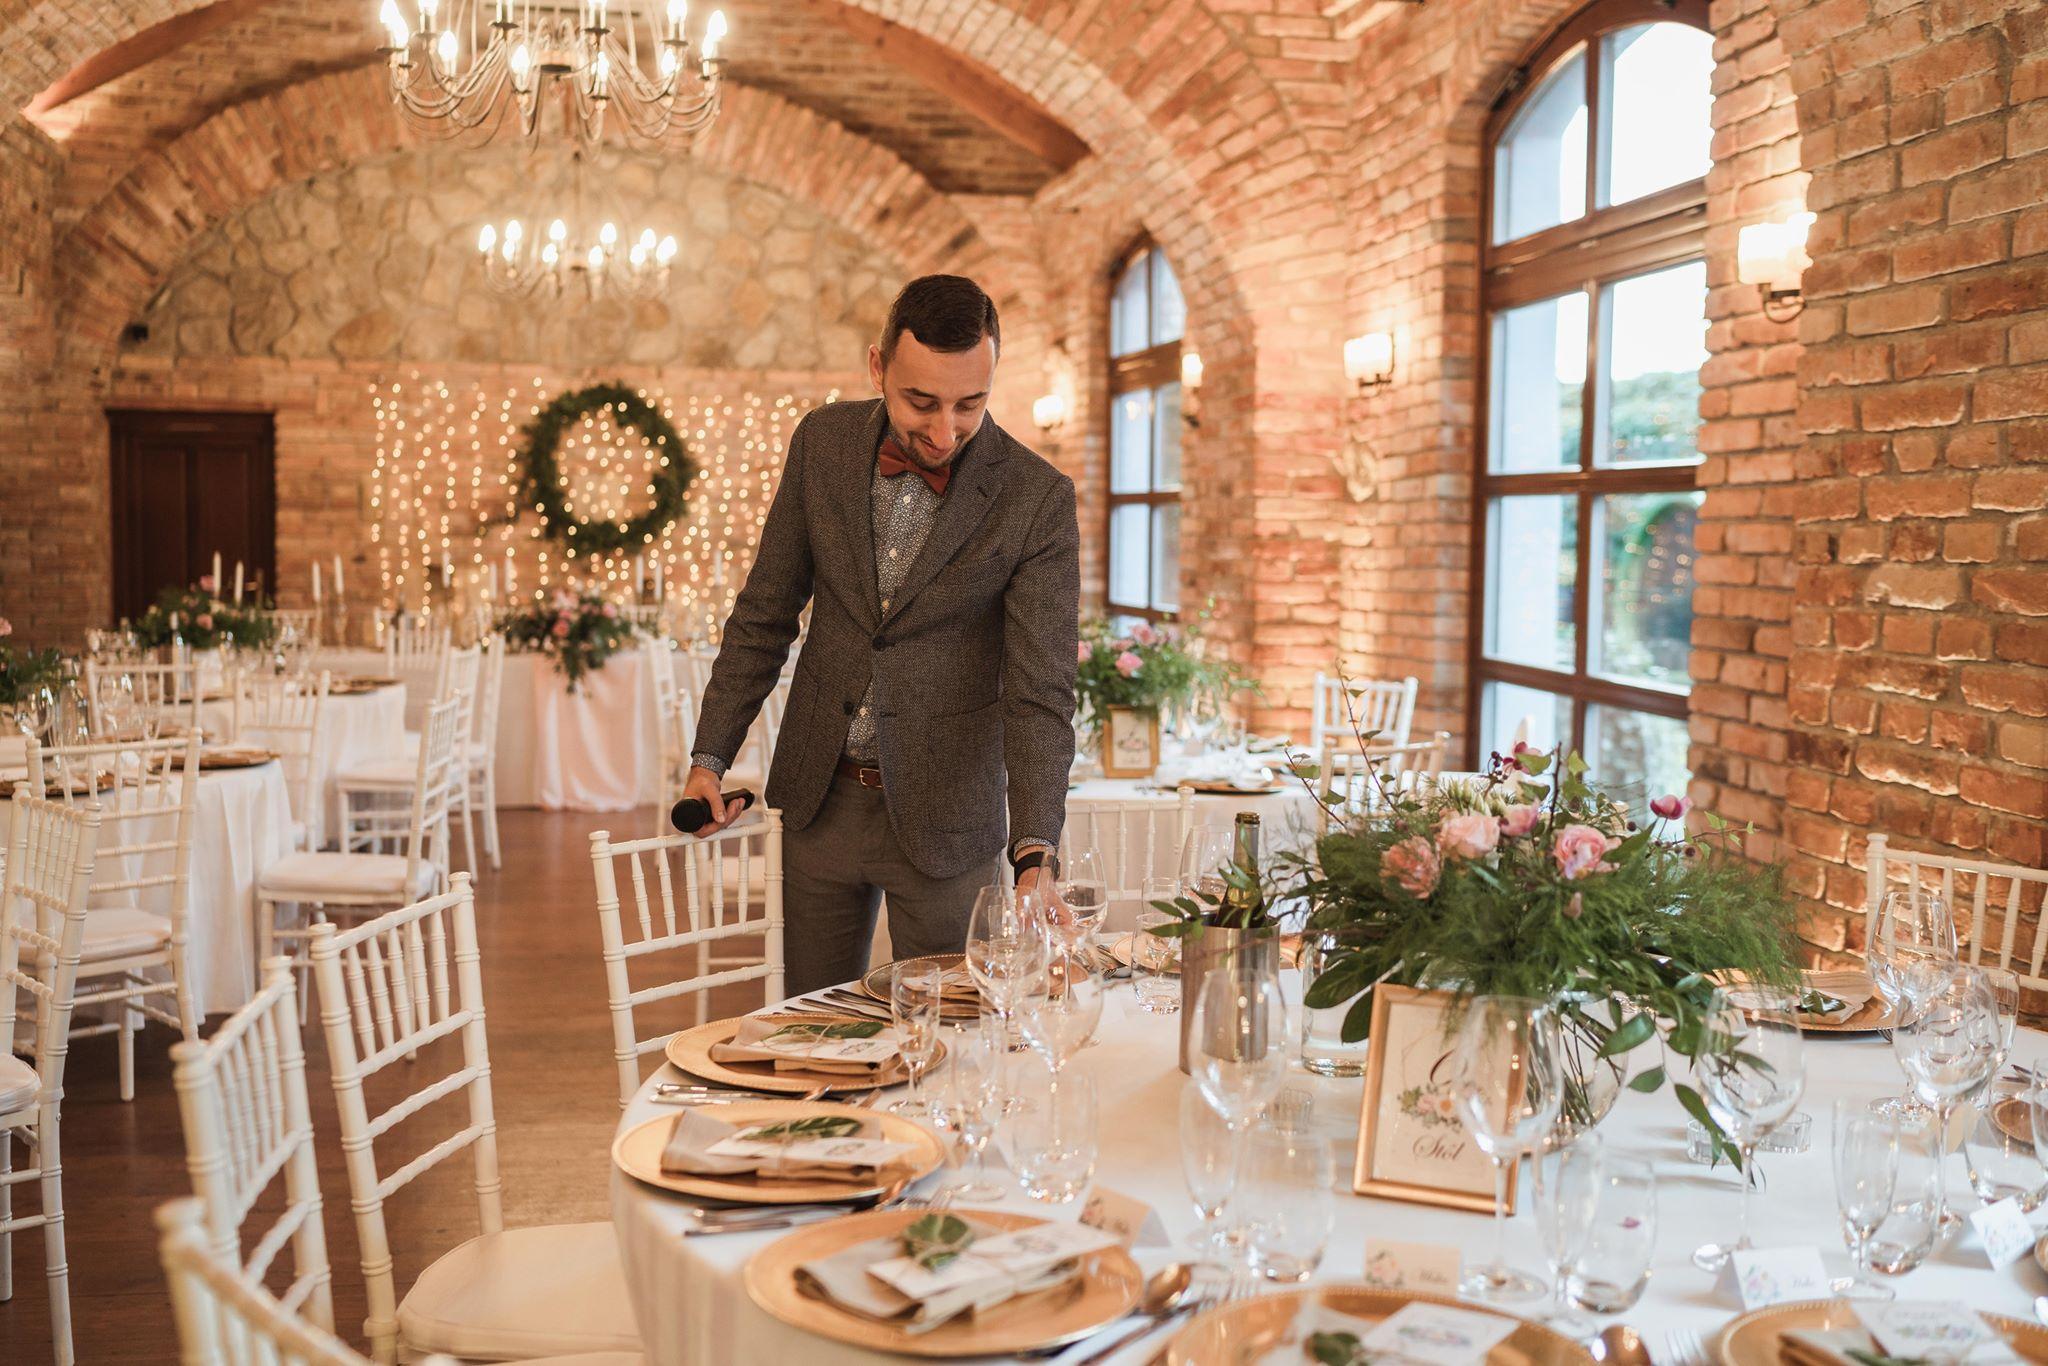 svadba-dj-moderator-mike-modra-neco-estate-winery-u-ludvikajpg